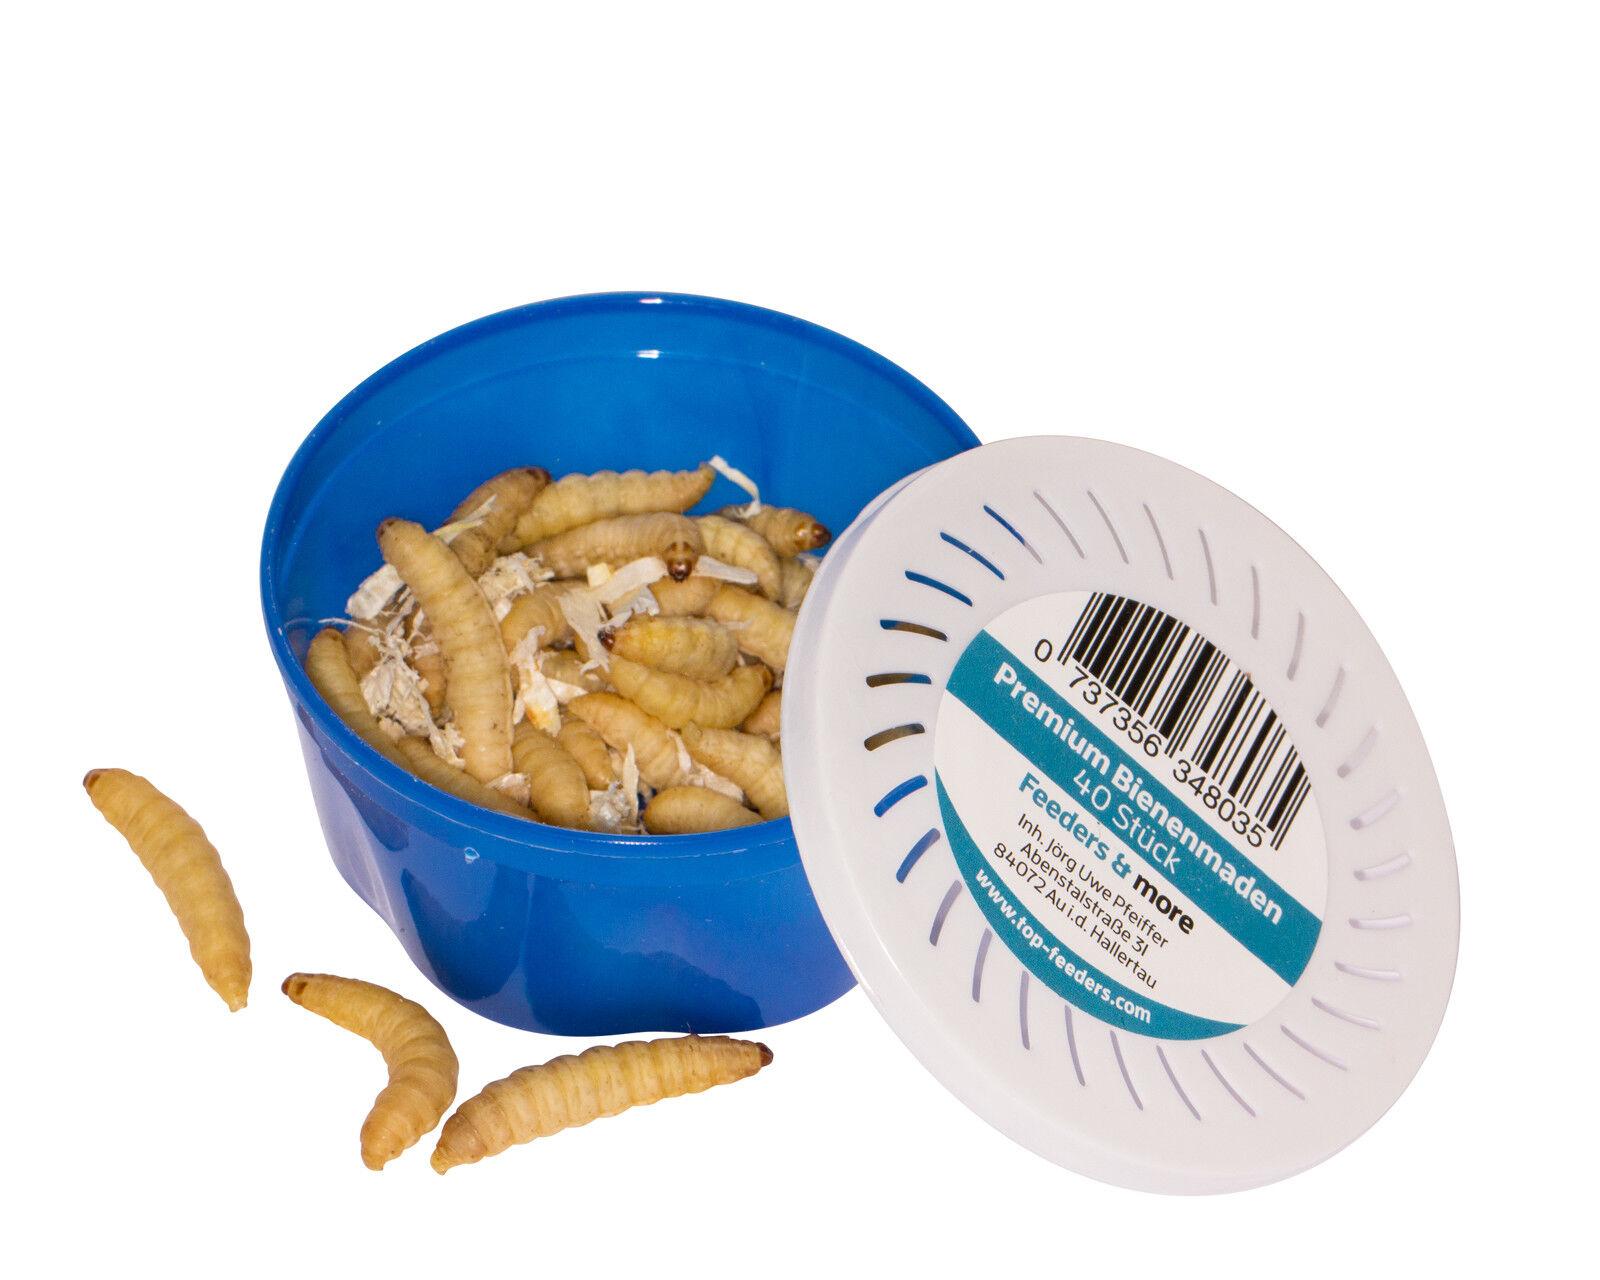 Bienenmaden, Wachsmaden, lebende Angelköder, Qualität vom Fachhändler    Ausgezeichnetes Handwerk